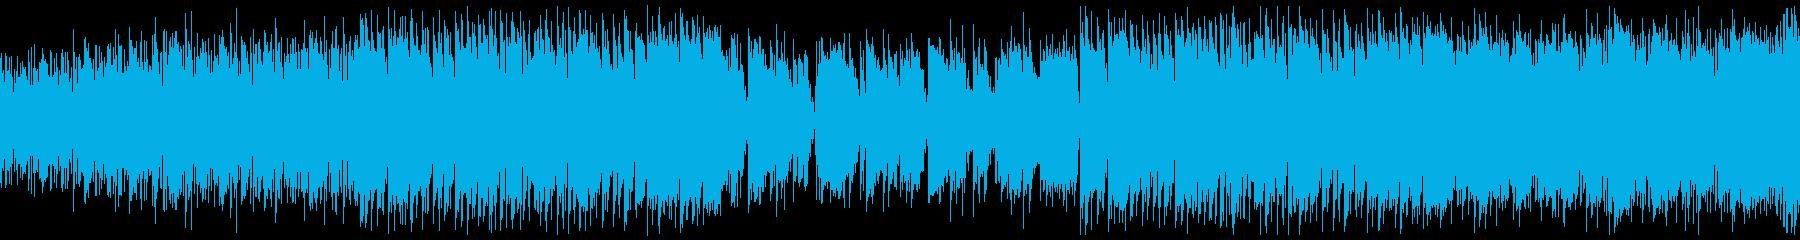 ゲーム・夏のビーチ・コミカルなレゲエの再生済みの波形